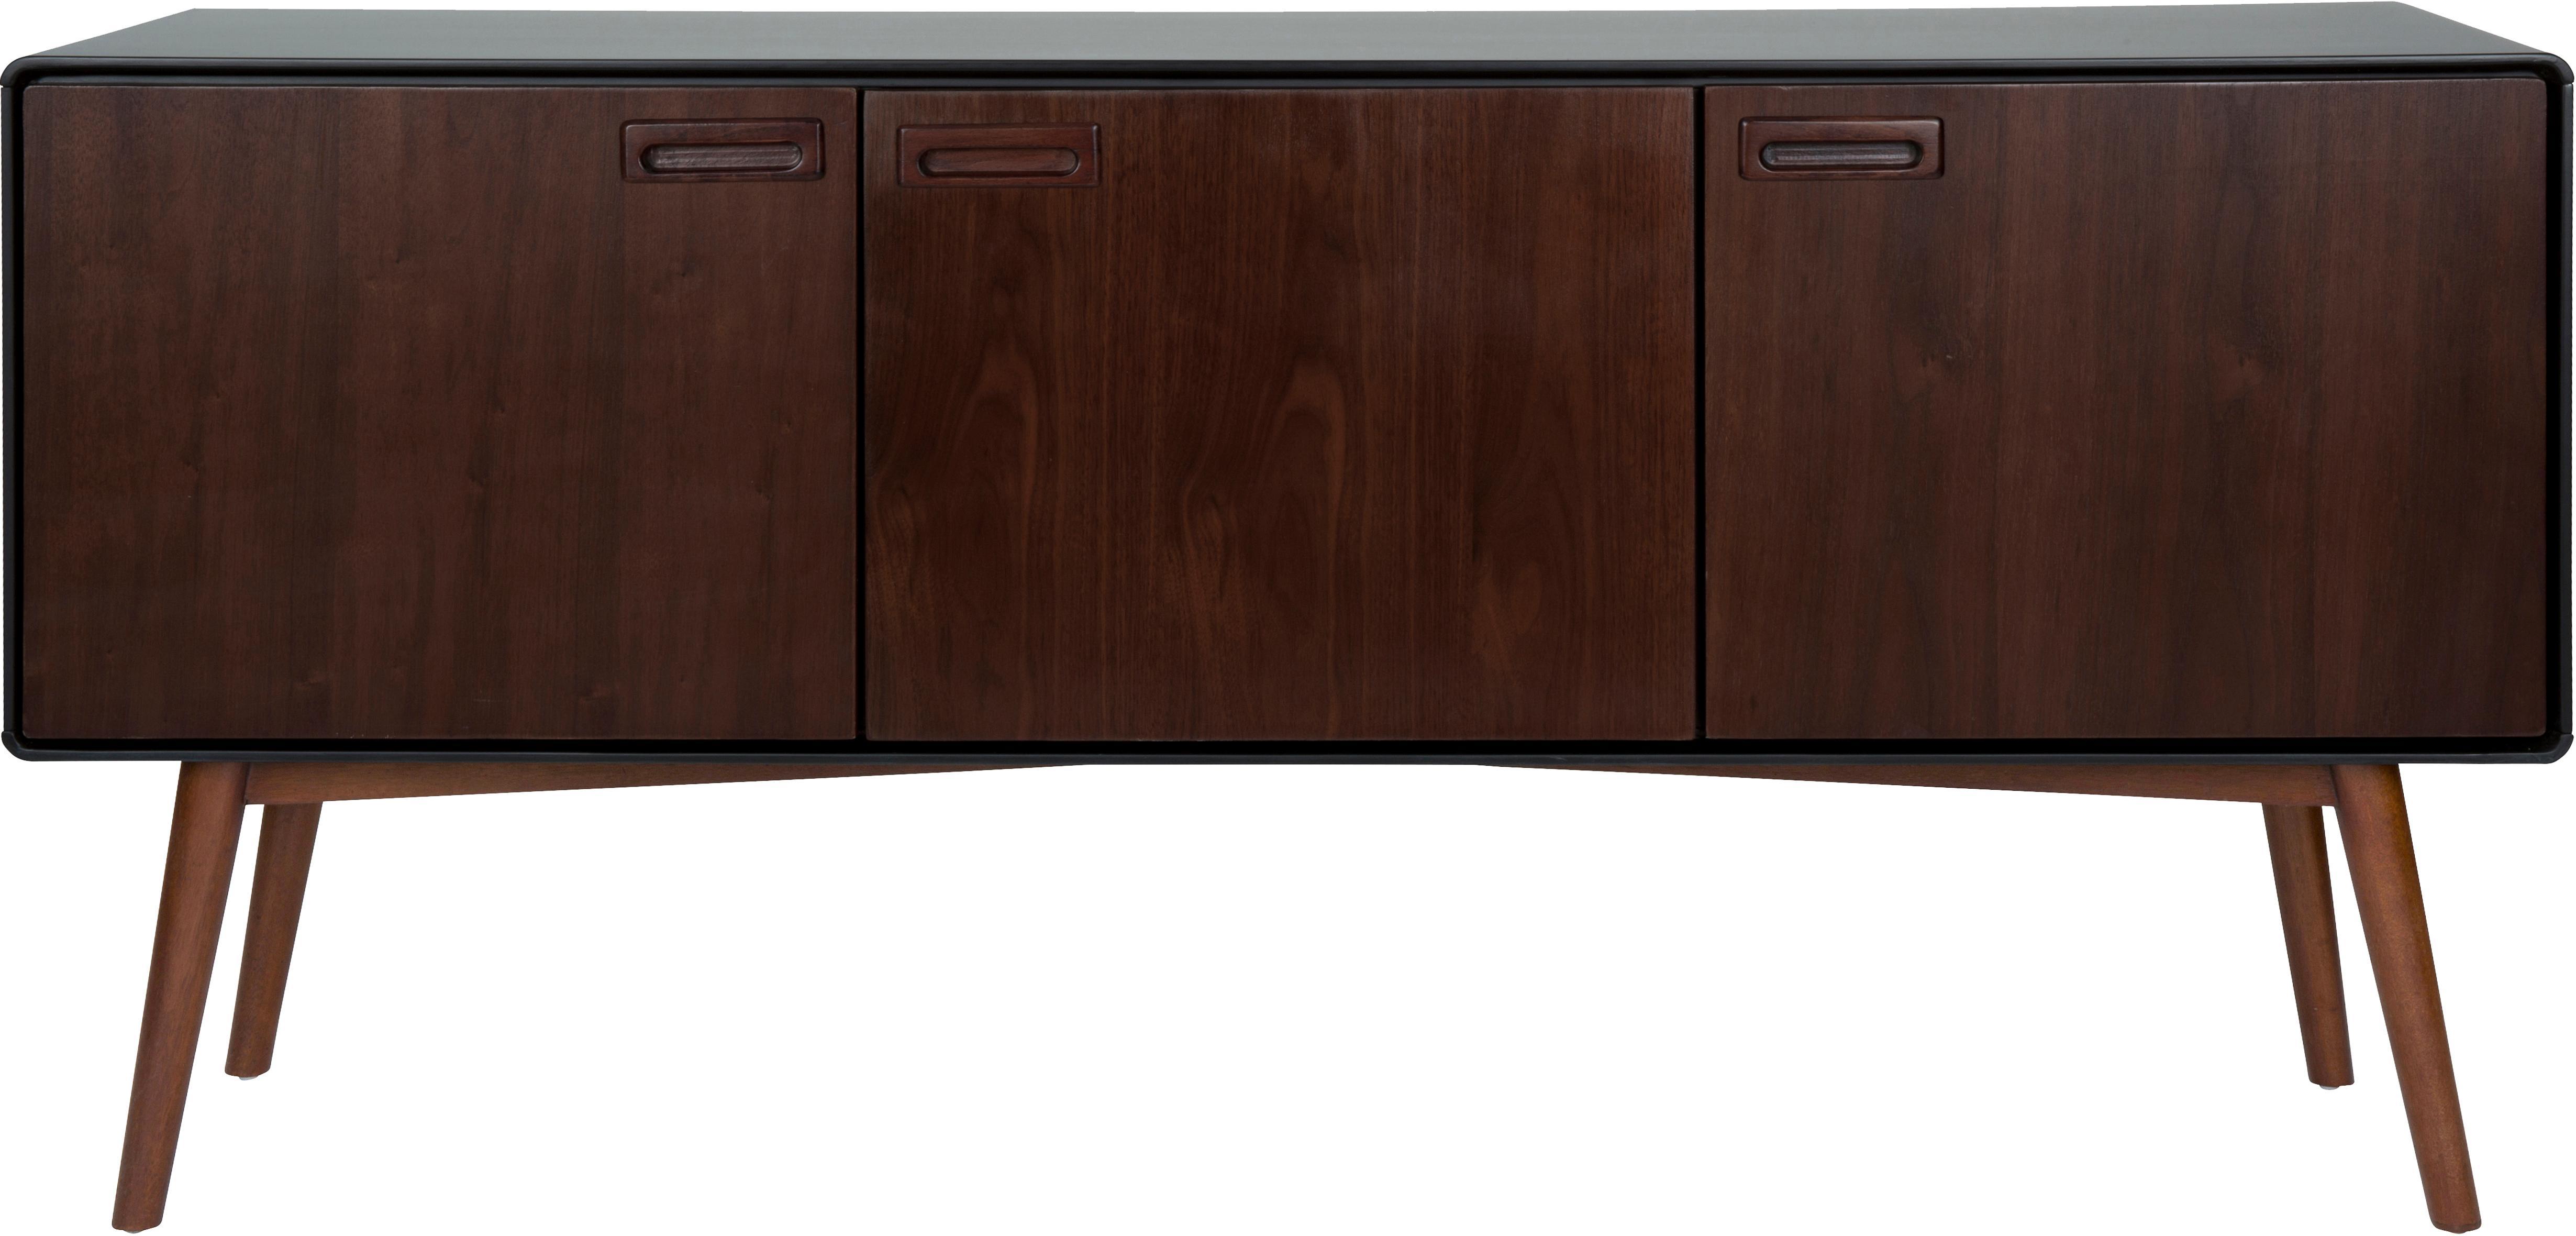 Retro Sideboard Juju mit Walnussfurnier, Füße: Eschenholz, massiv, gebei, Braun, Schwarz, 150 x 73 cm